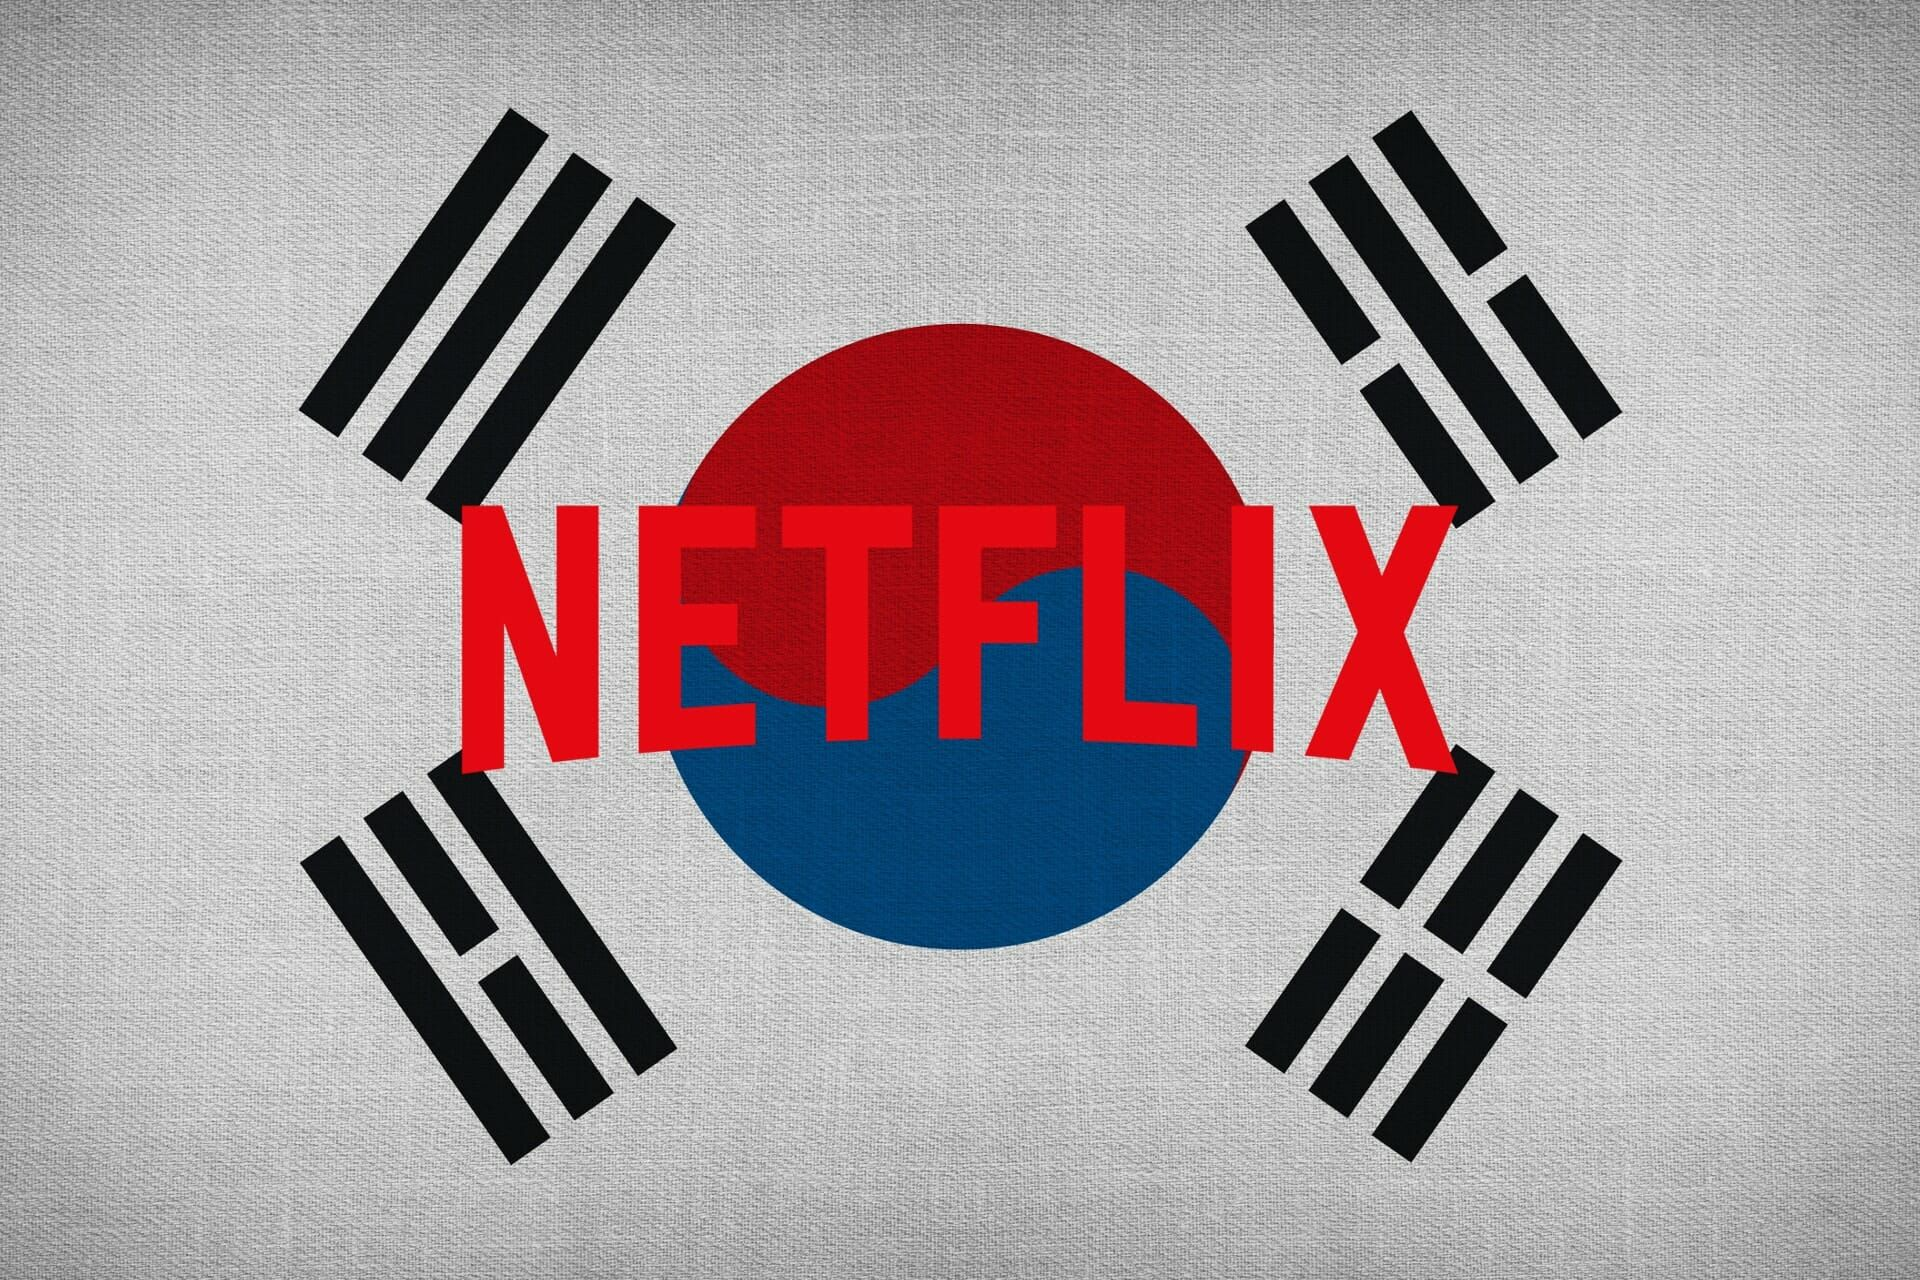 96da0e4b9b503e246db31a31cdcd2af1 - Can I Watch Netflix With A Vpn